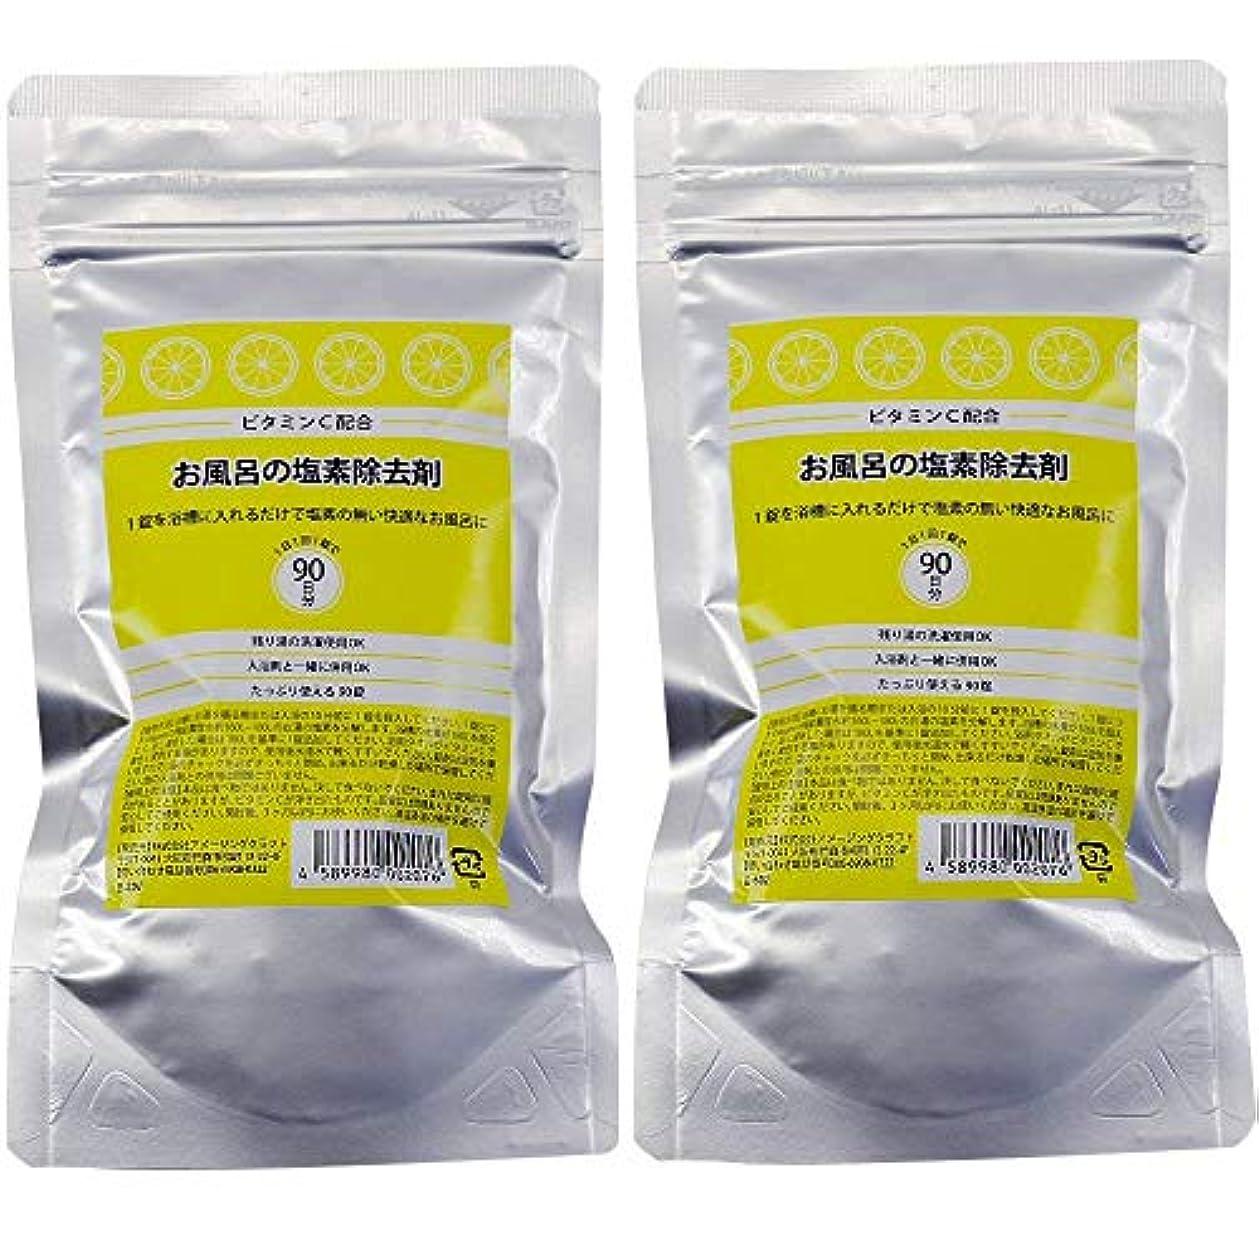 適用する補充自明ビタミンC配合 お風呂の塩素除去剤 錠剤タイプ 90錠 2個セット 浴槽用脱塩素剤